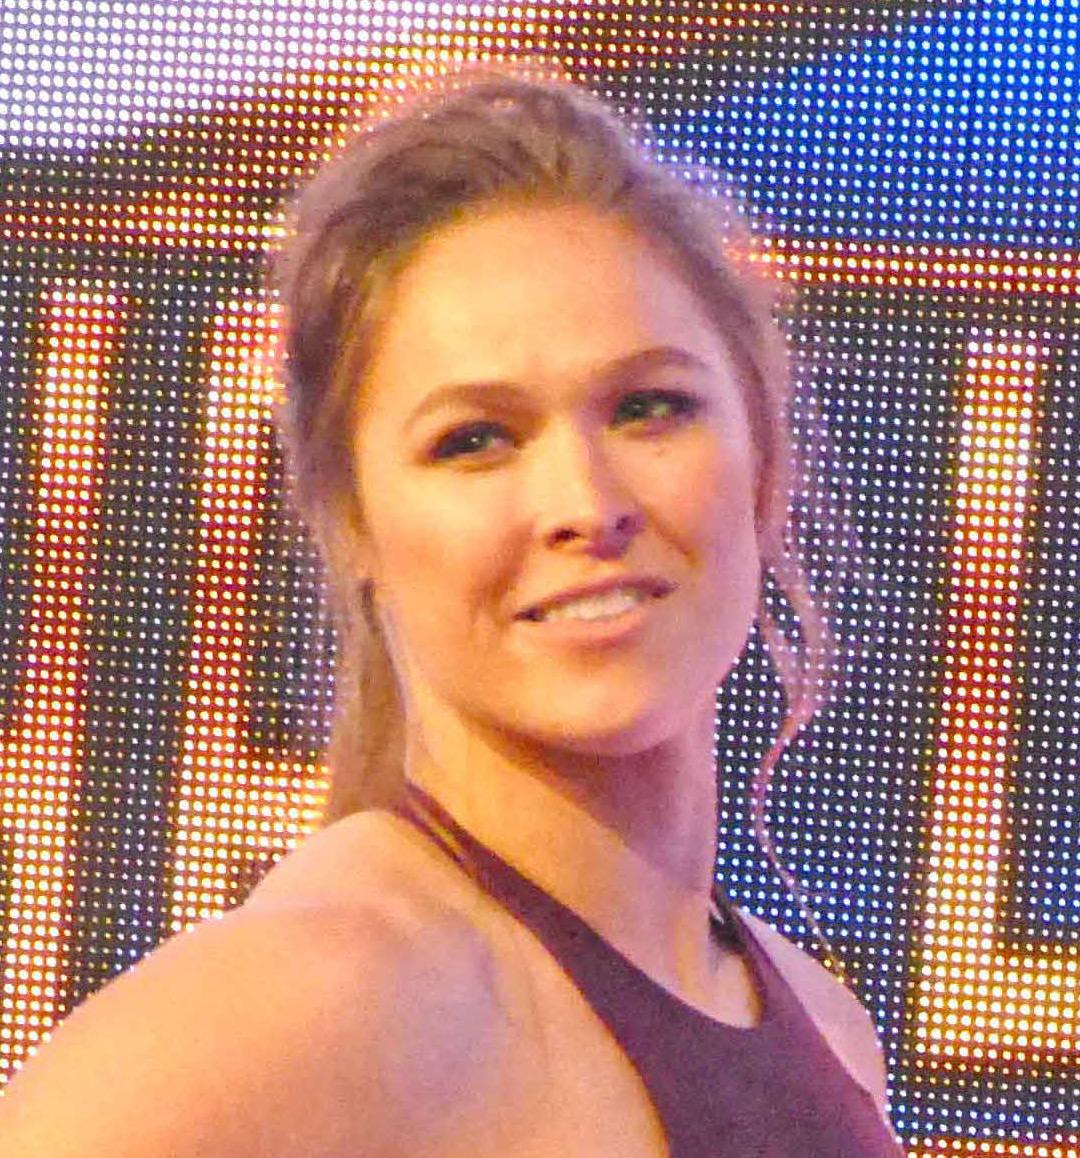 妊娠を発表した元UFC女子バンタム級王者でWWEの元ロウ女子王者ロンダ・ラウジー